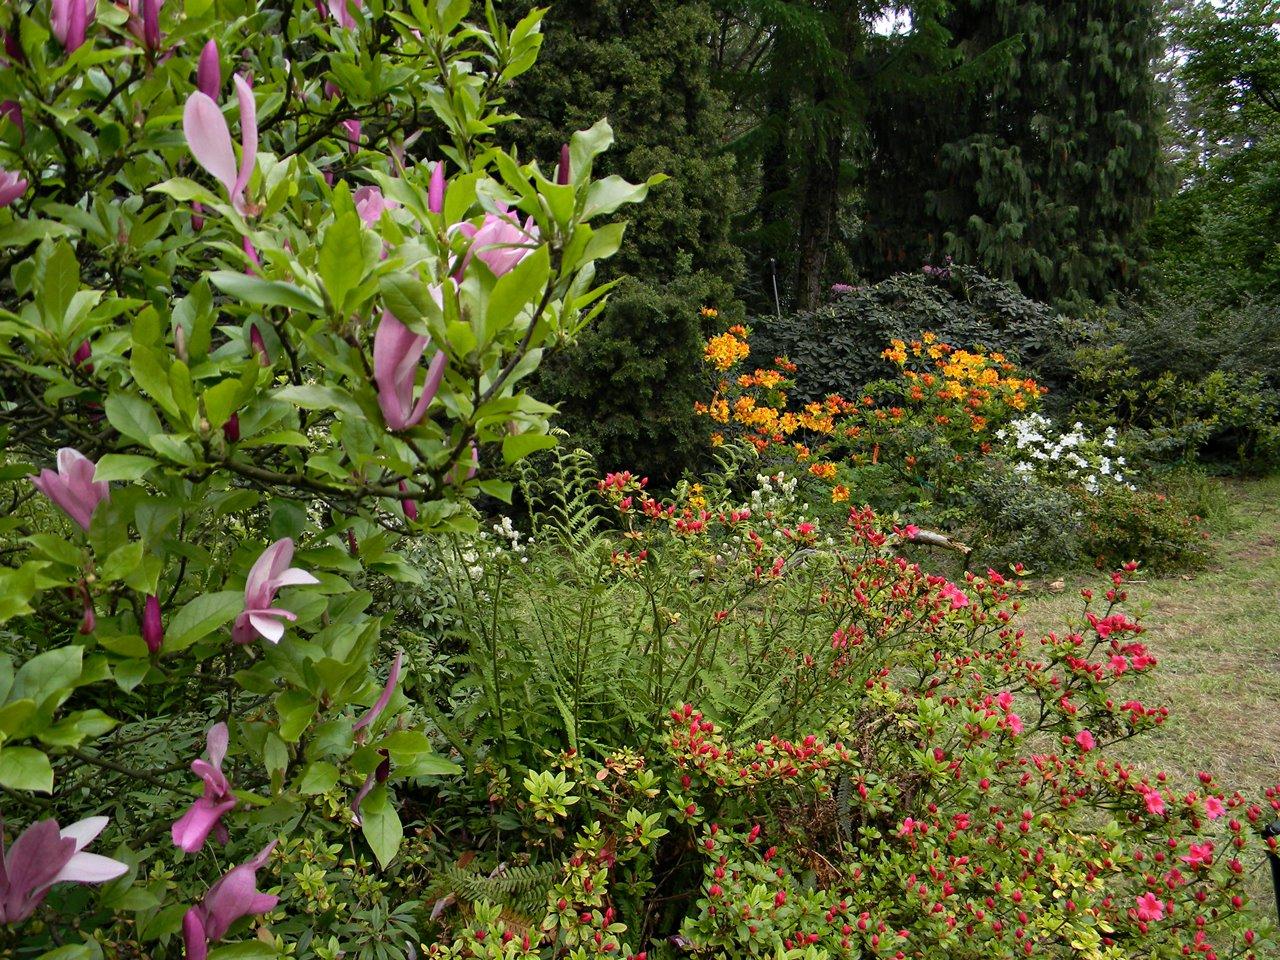 kwiaty, krzewy, drzewa, atrakcje Kórnika